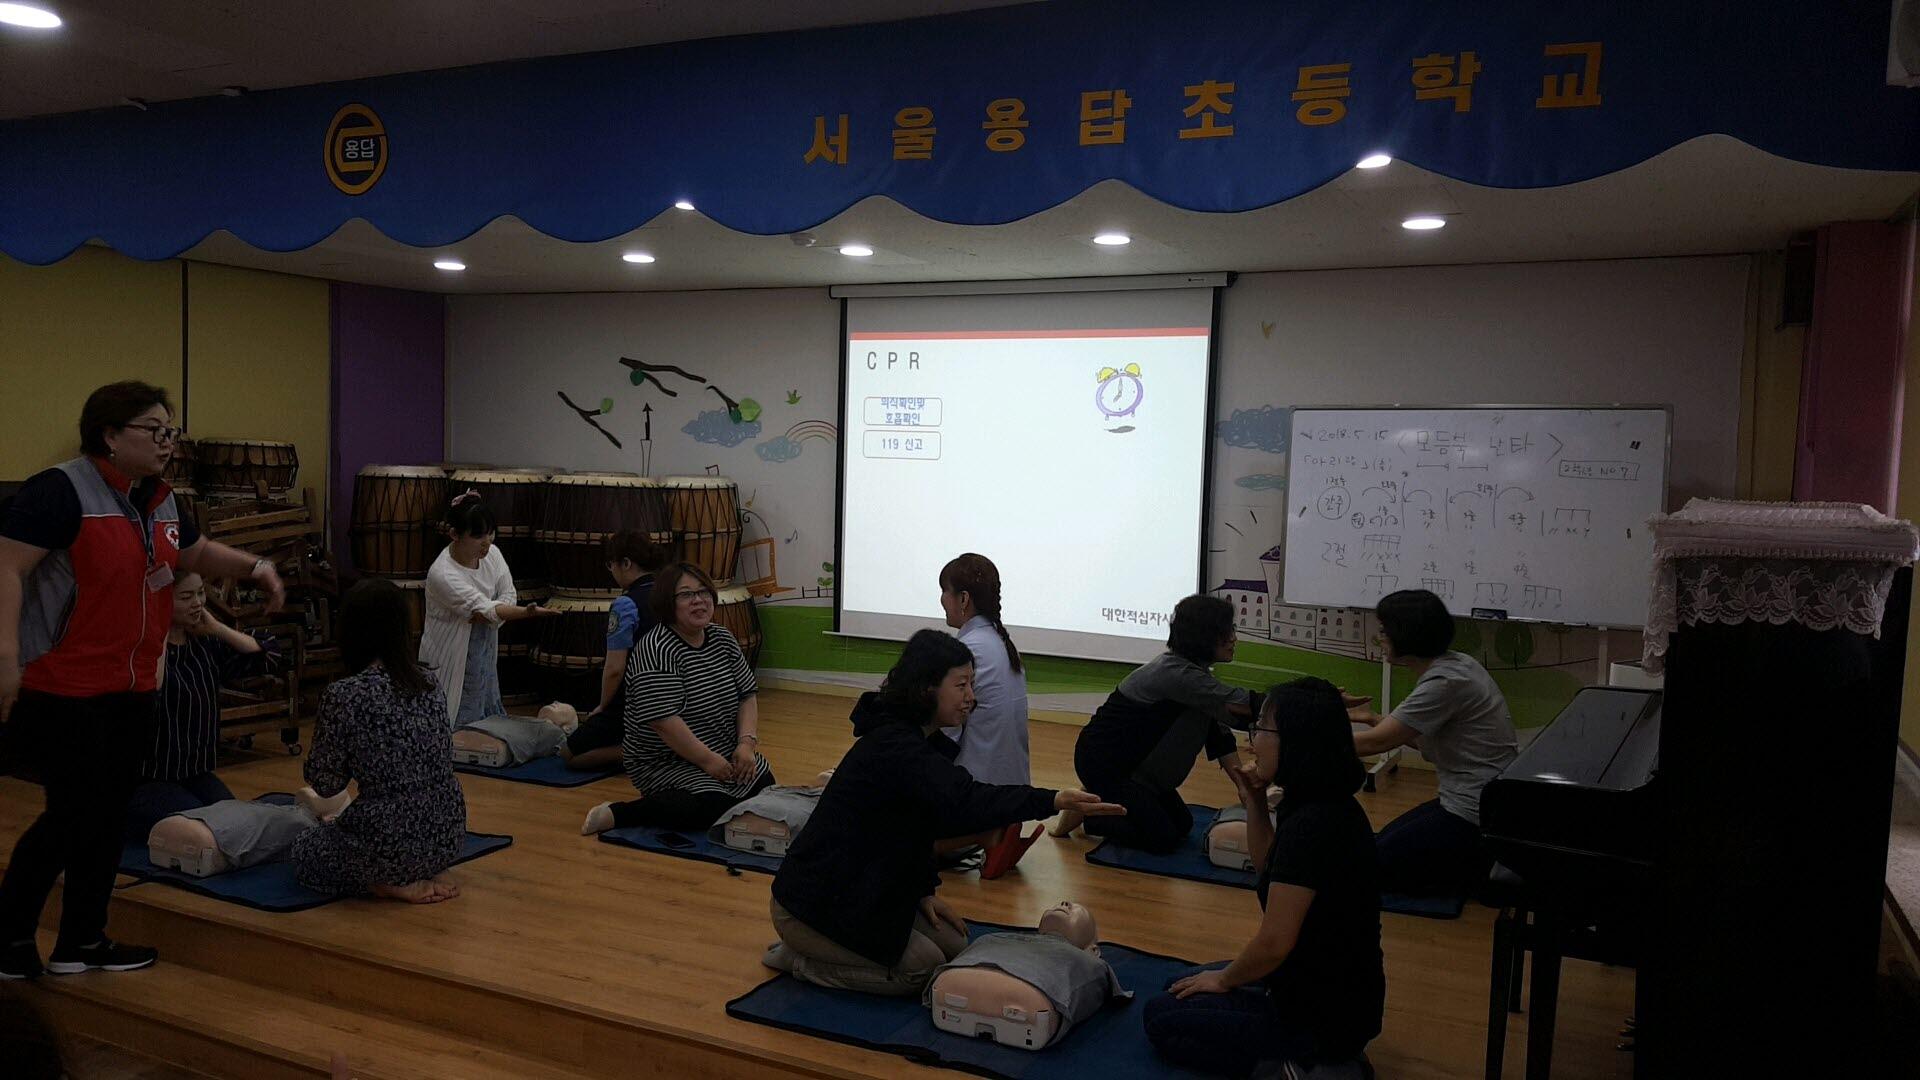 성동광진교육지원청, 성동구 주민 94명 대상 심폐소생술 실습교육 진행